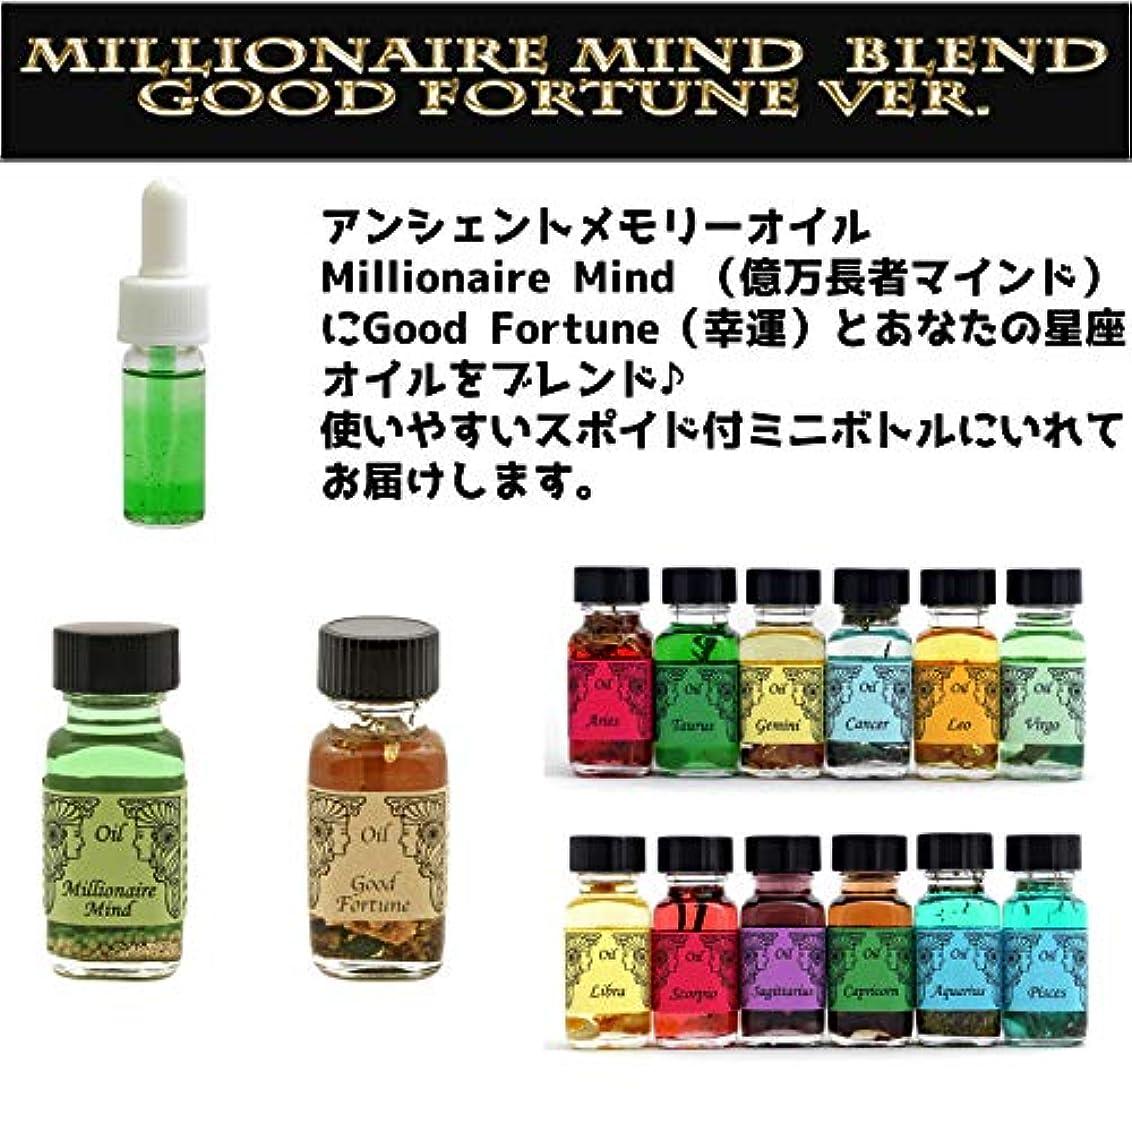 吸収着る科学アンシェントメモリーオイル Millionaire Mind 億万長者マインド ブレンド【Good Fortune グッドフォーチュン 幸運&ふたご座】